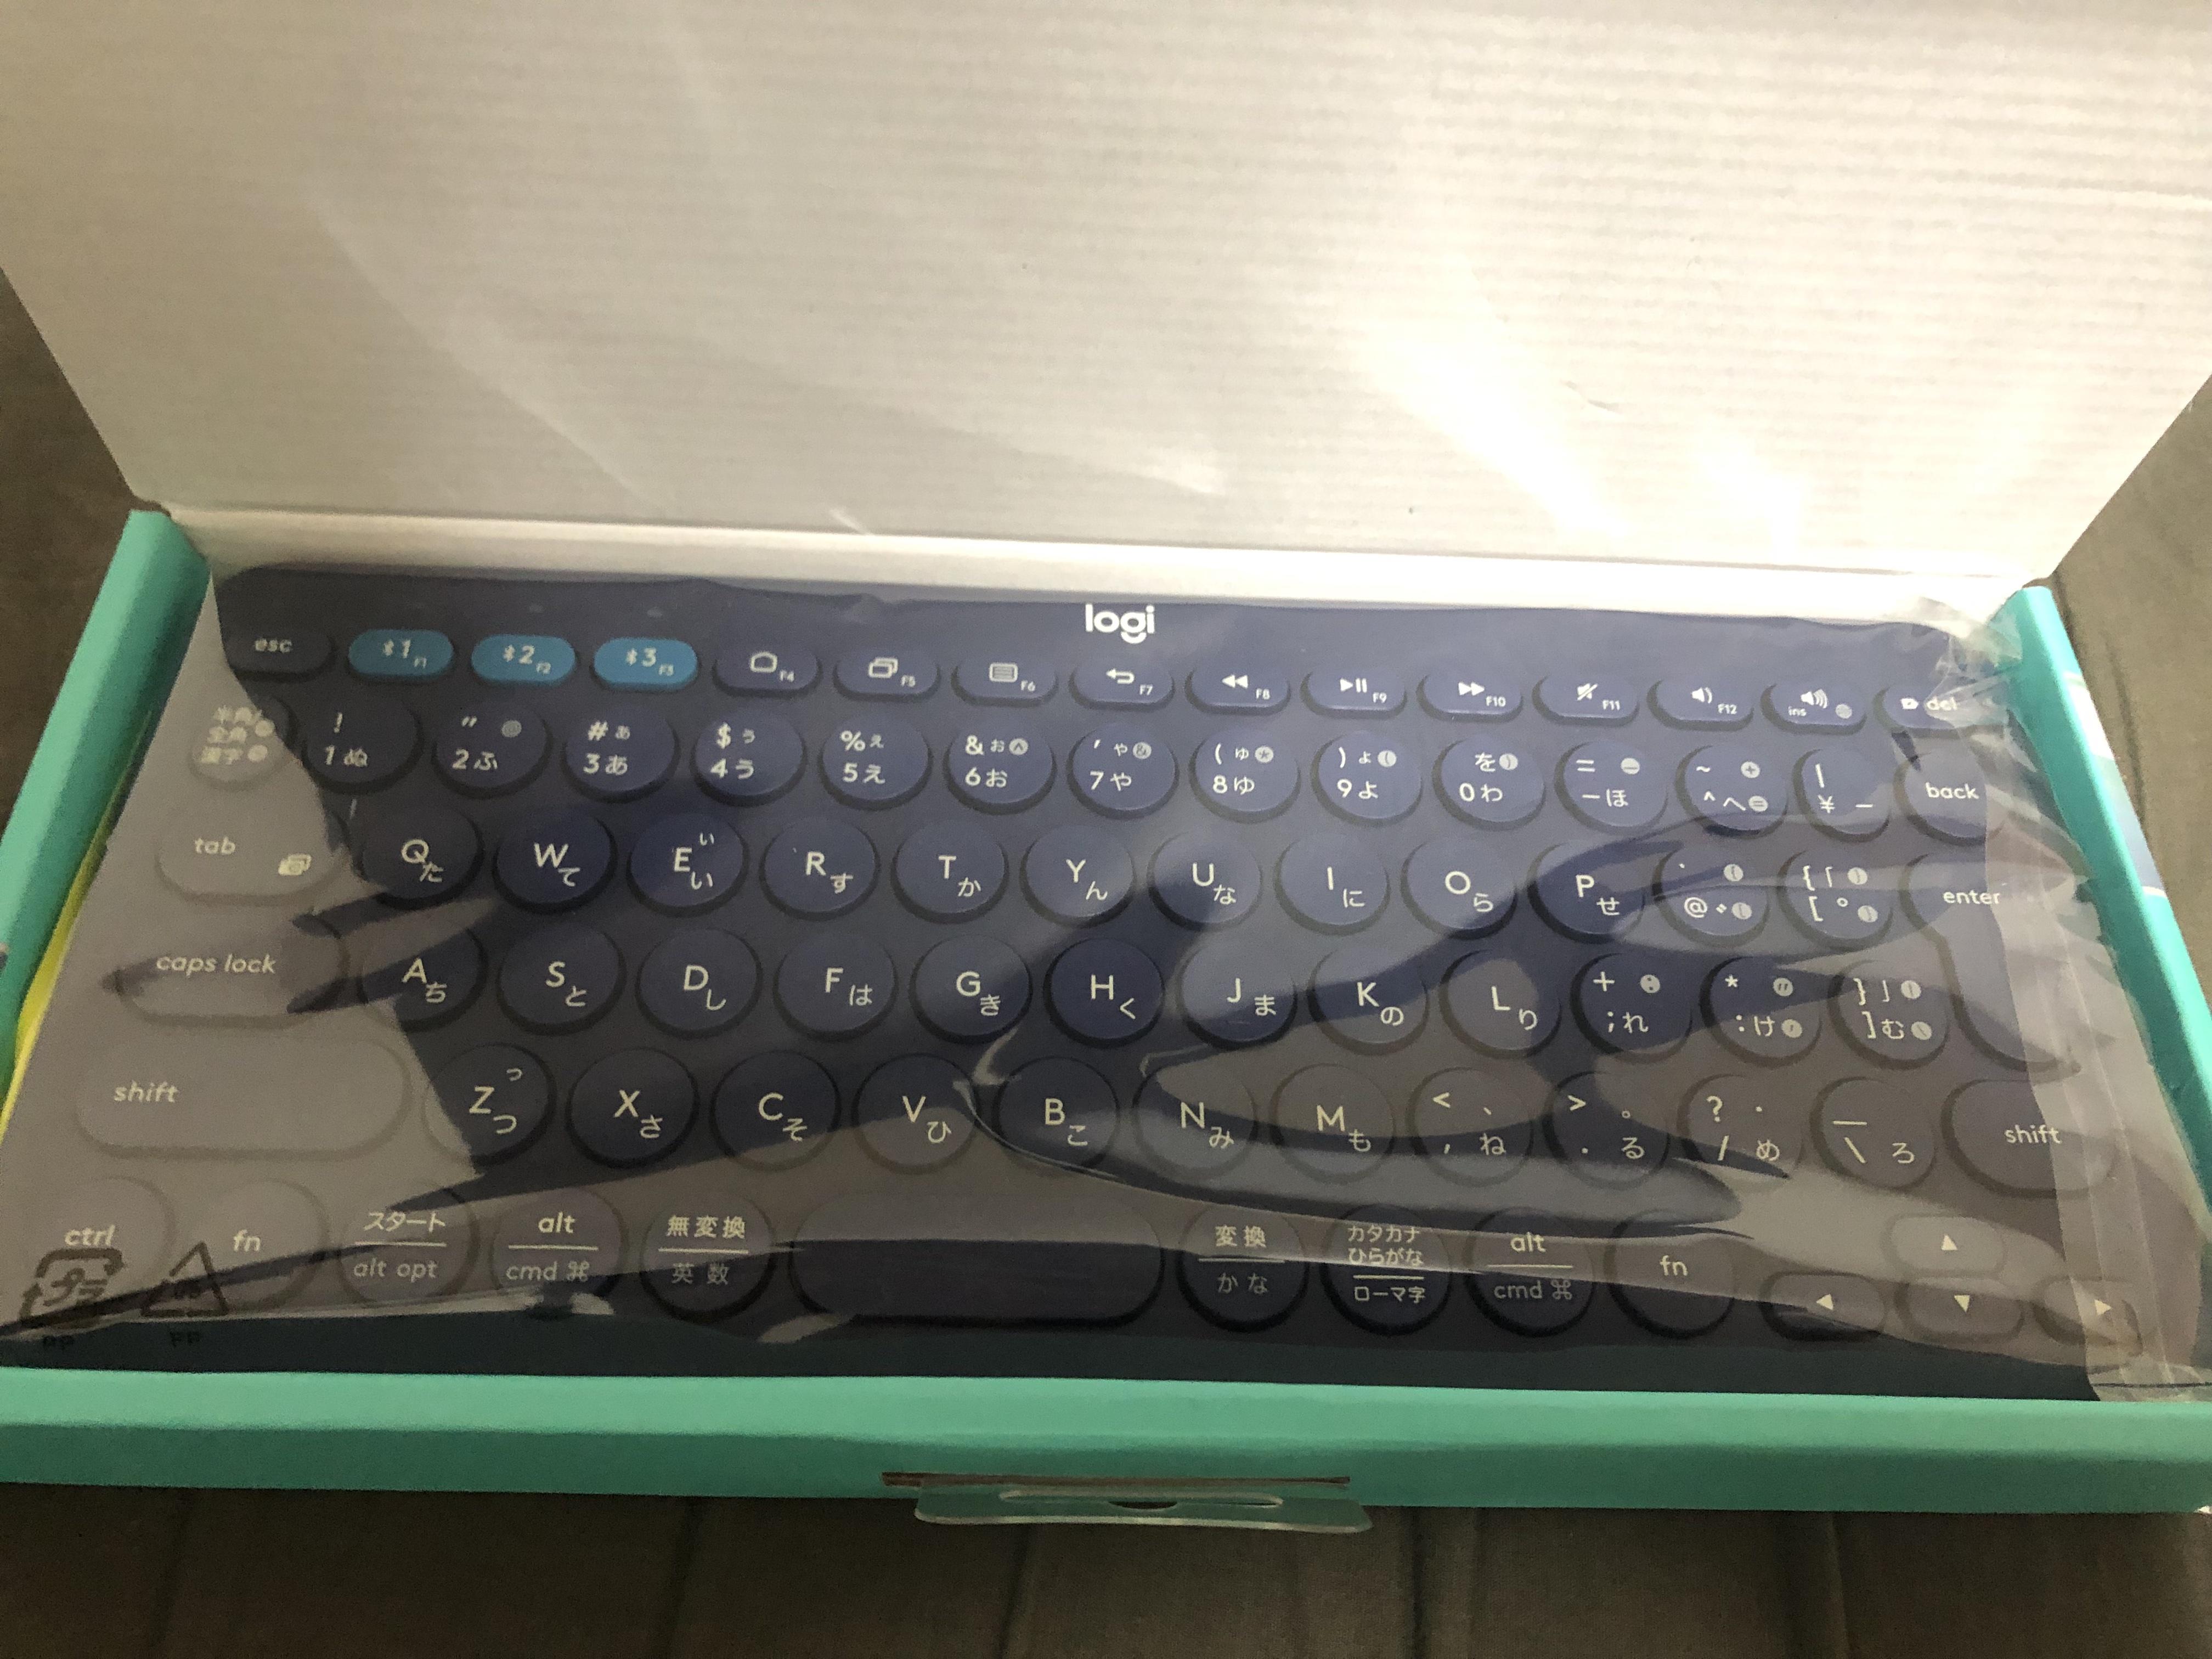 20181120 162040440 iOS - 【レビュー】タブレットにはやっぱりコンパクトキーボード!K380 MULTI-DEVICE BLUETOOTH KEYBOARDを選ぶべきな理由